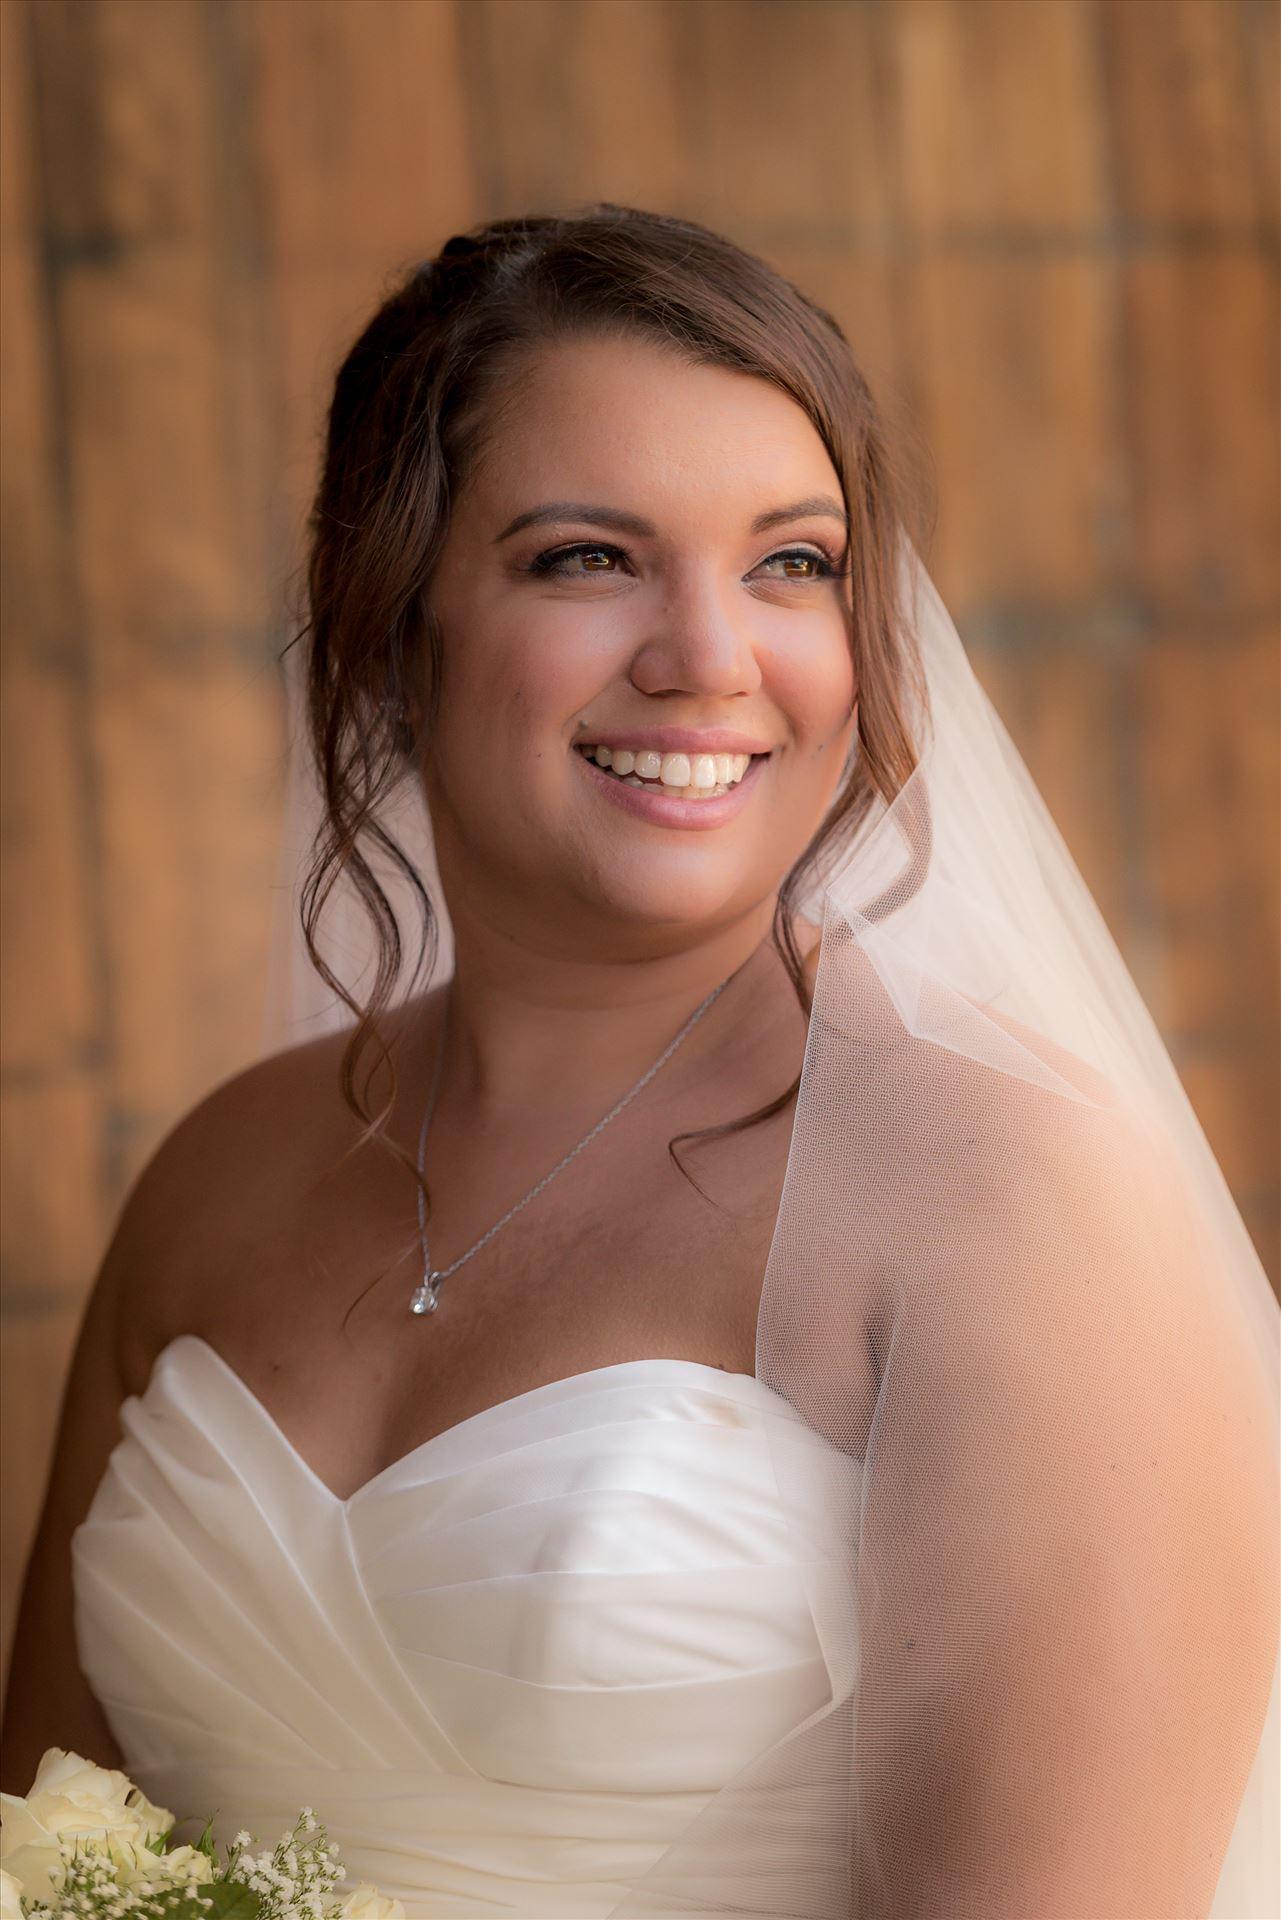 Gilroy Wedding Photography 03Mirror's Edge Photography provides wedding and engagement photography for San Luis Obispo, Arroyo Grande, Pismo Beach, Avila Beach, Morro Bay and surrounding Central Coast locations